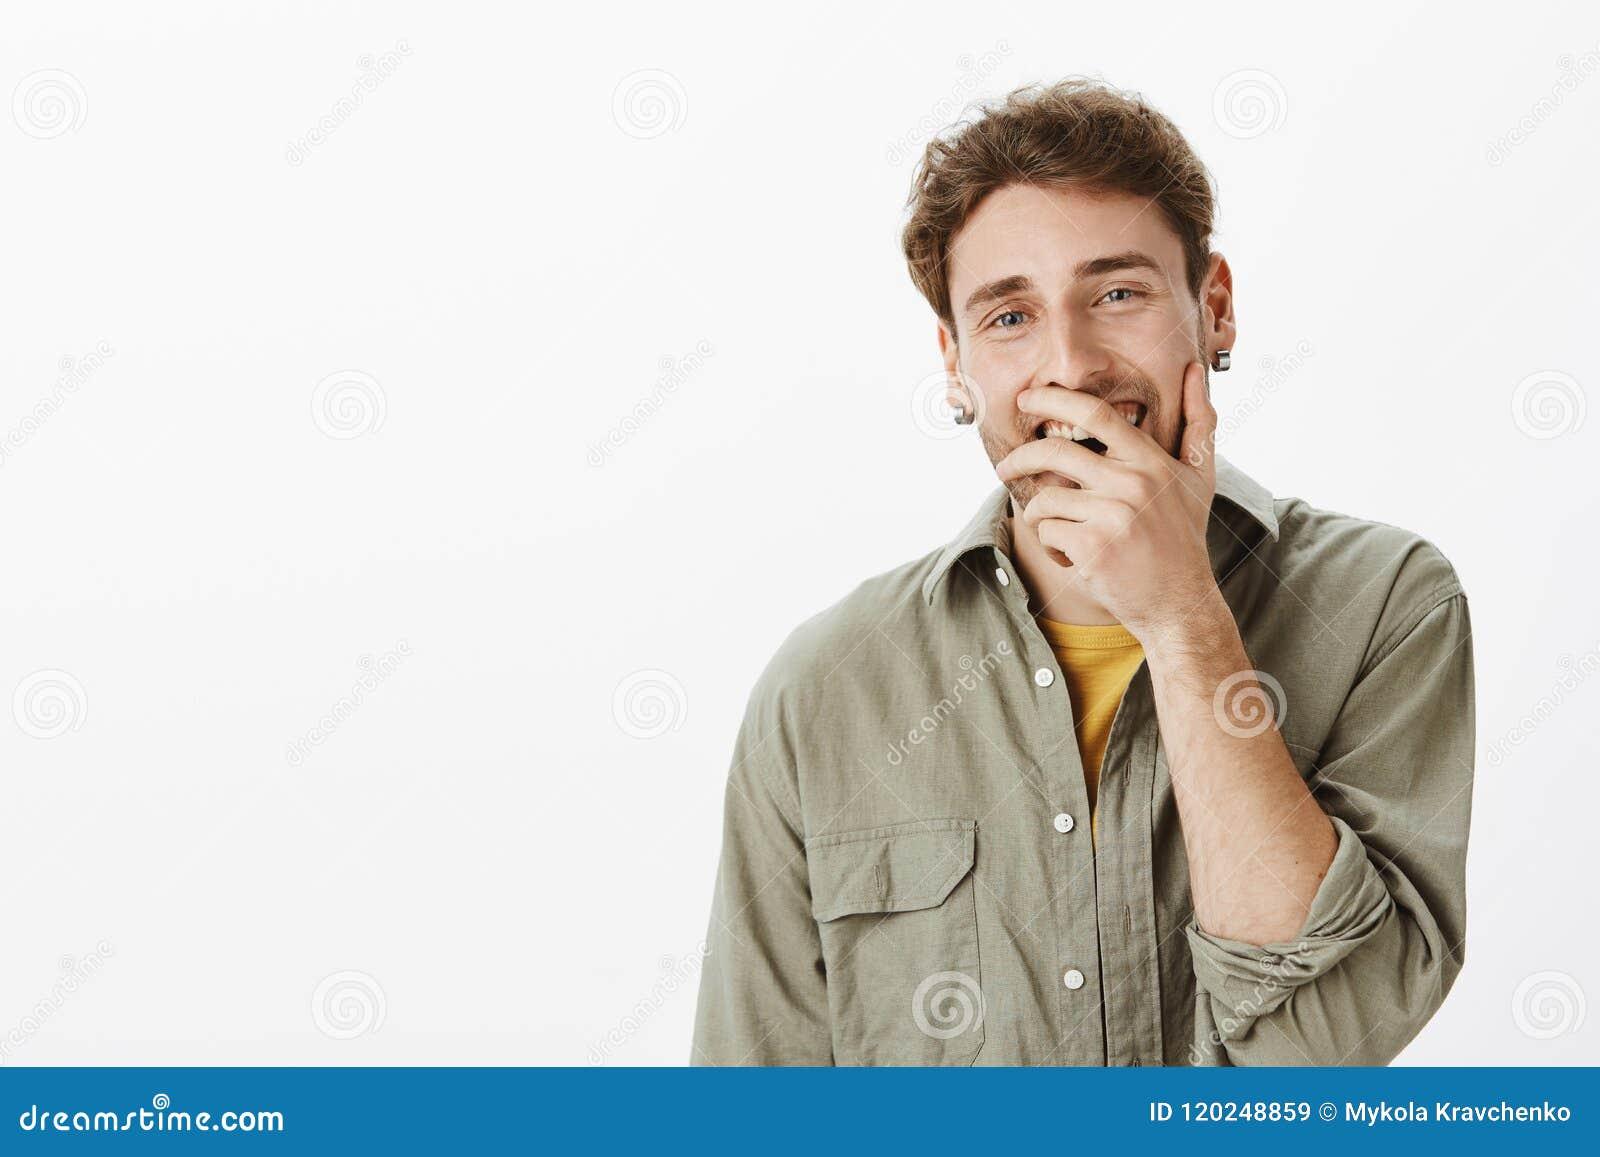 Tiro interno do homem considerável engraçado com cabelo encaracolado curto e barba, cobrindo a boca aberta ao sorrir e ao rir